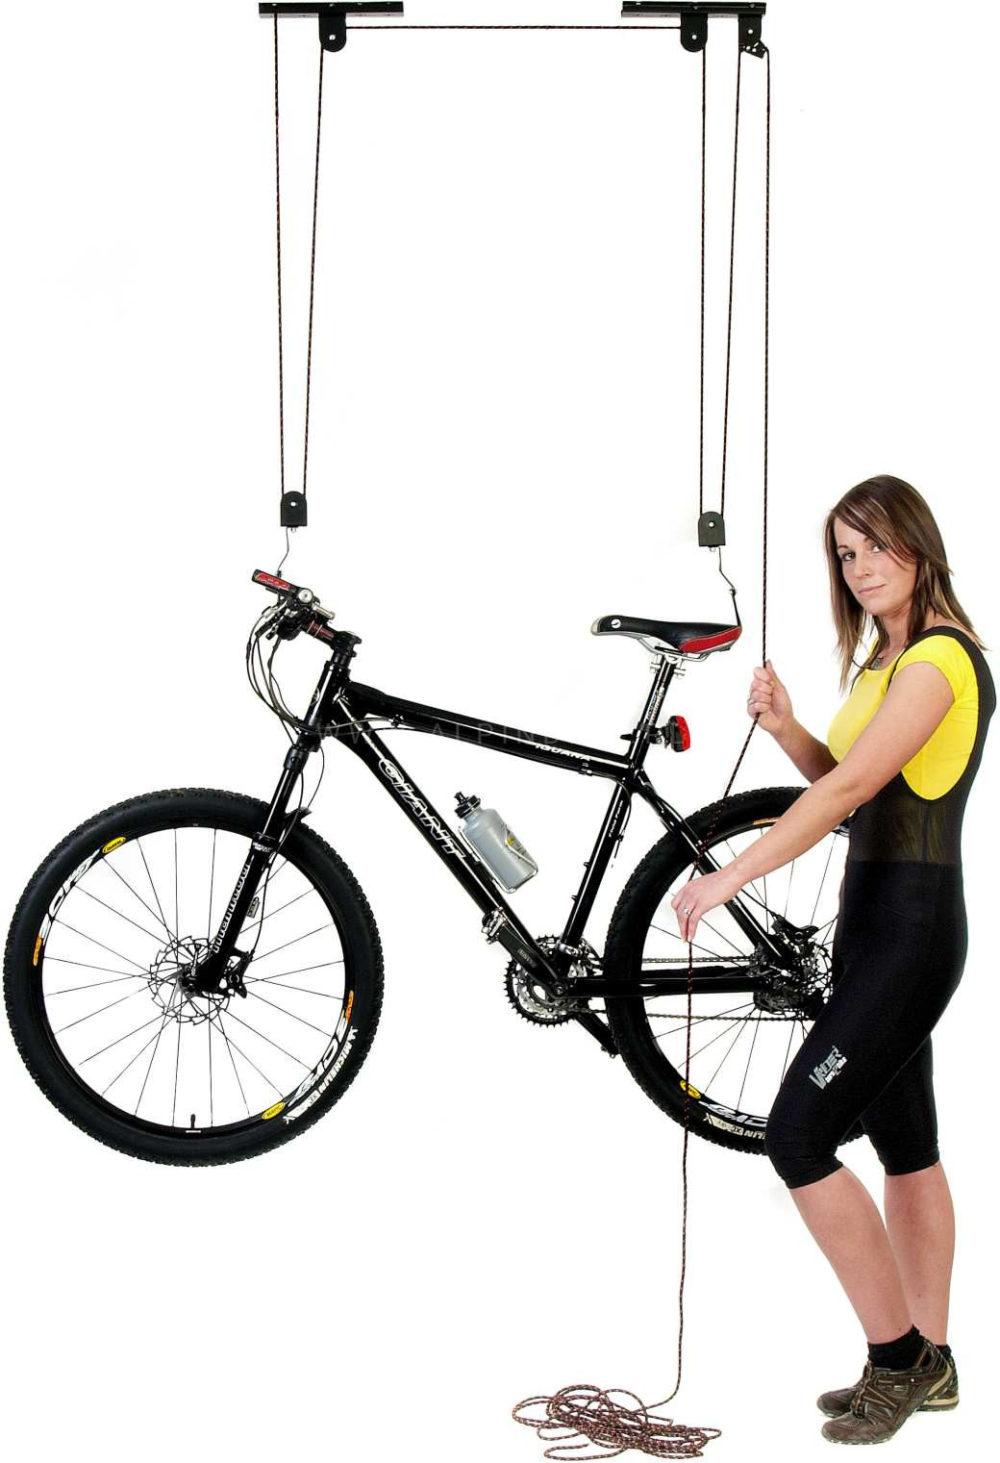 akcesoria do roweru dostępne w sklepie rowerowym